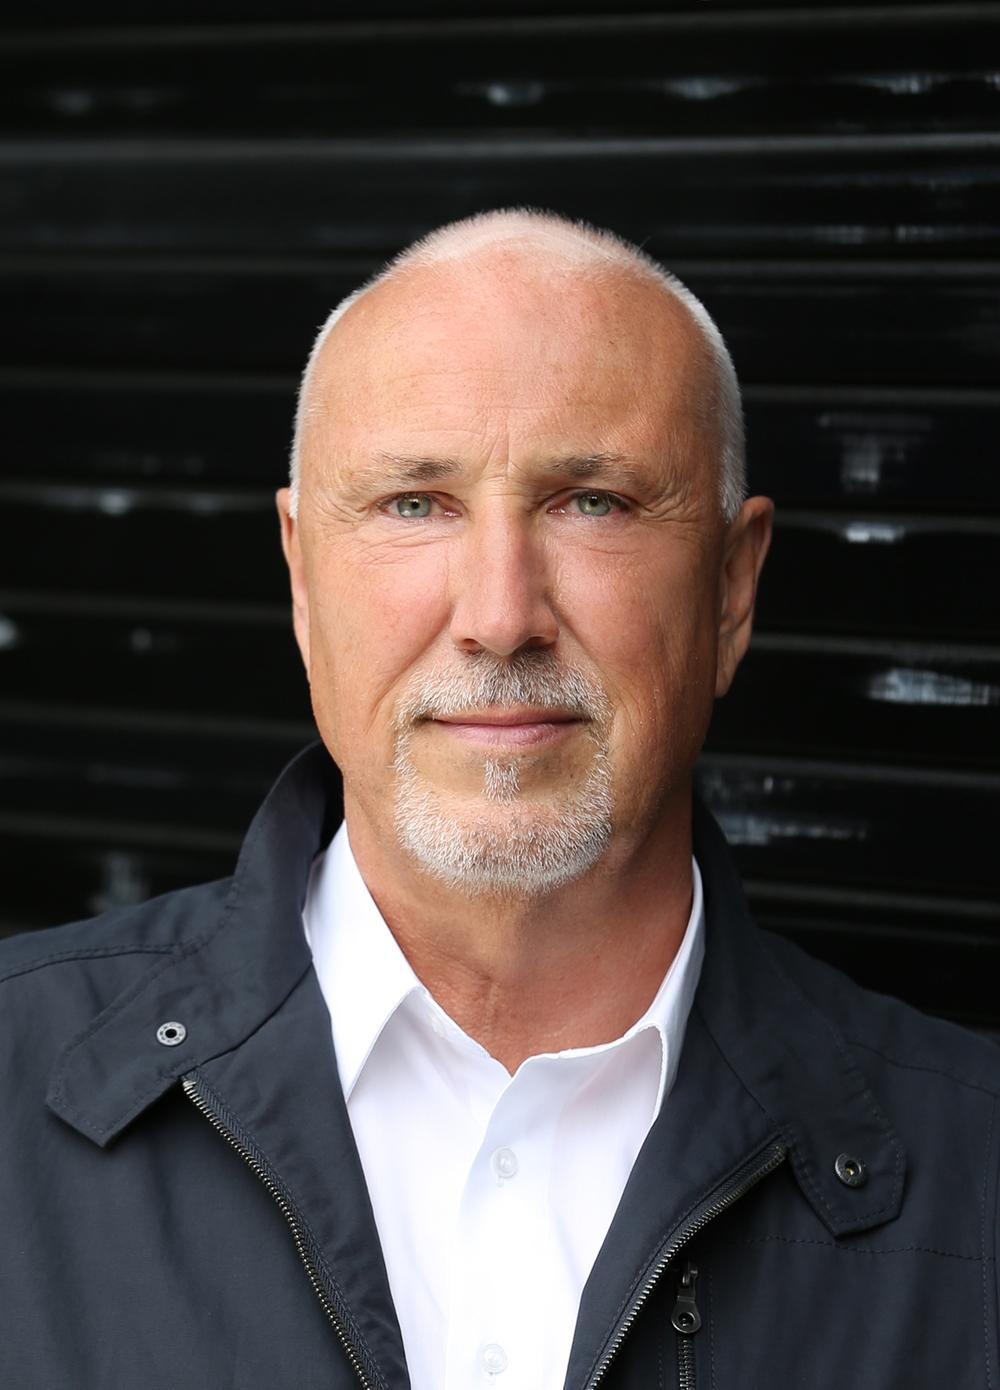 Jörg Bakschas war in führenden Managementpositionen in der Büromöbelbranche tätig. Seit 2009 ist er Inhaber von Headroom-Consult und ein gefragter Redner. Abbildung: Headroom Consult